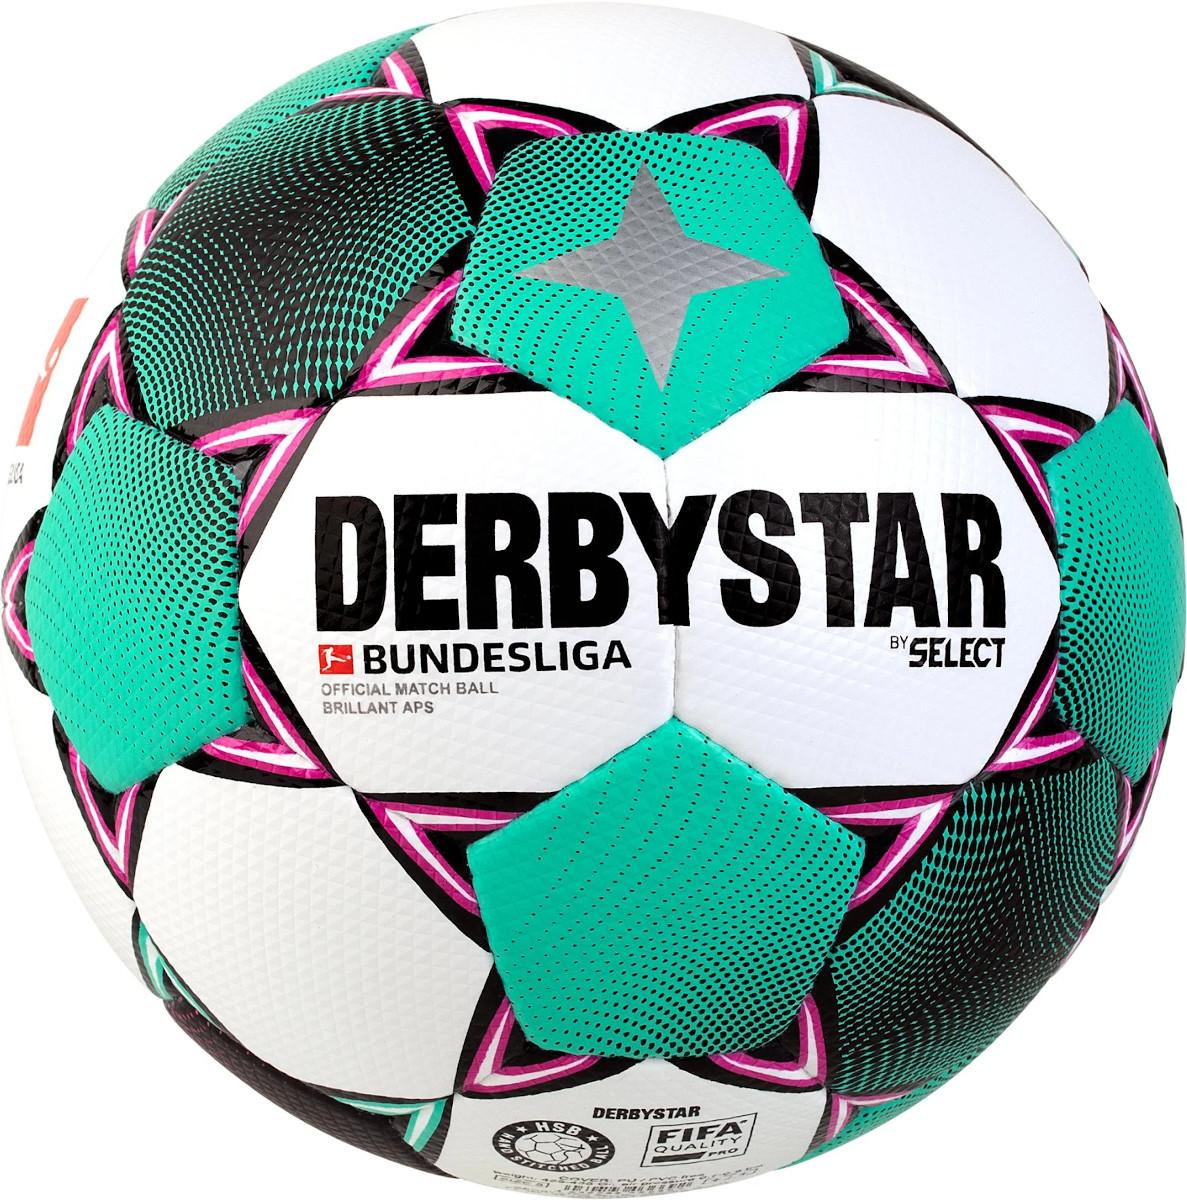 Ballon championnat Allemage - Derbystar